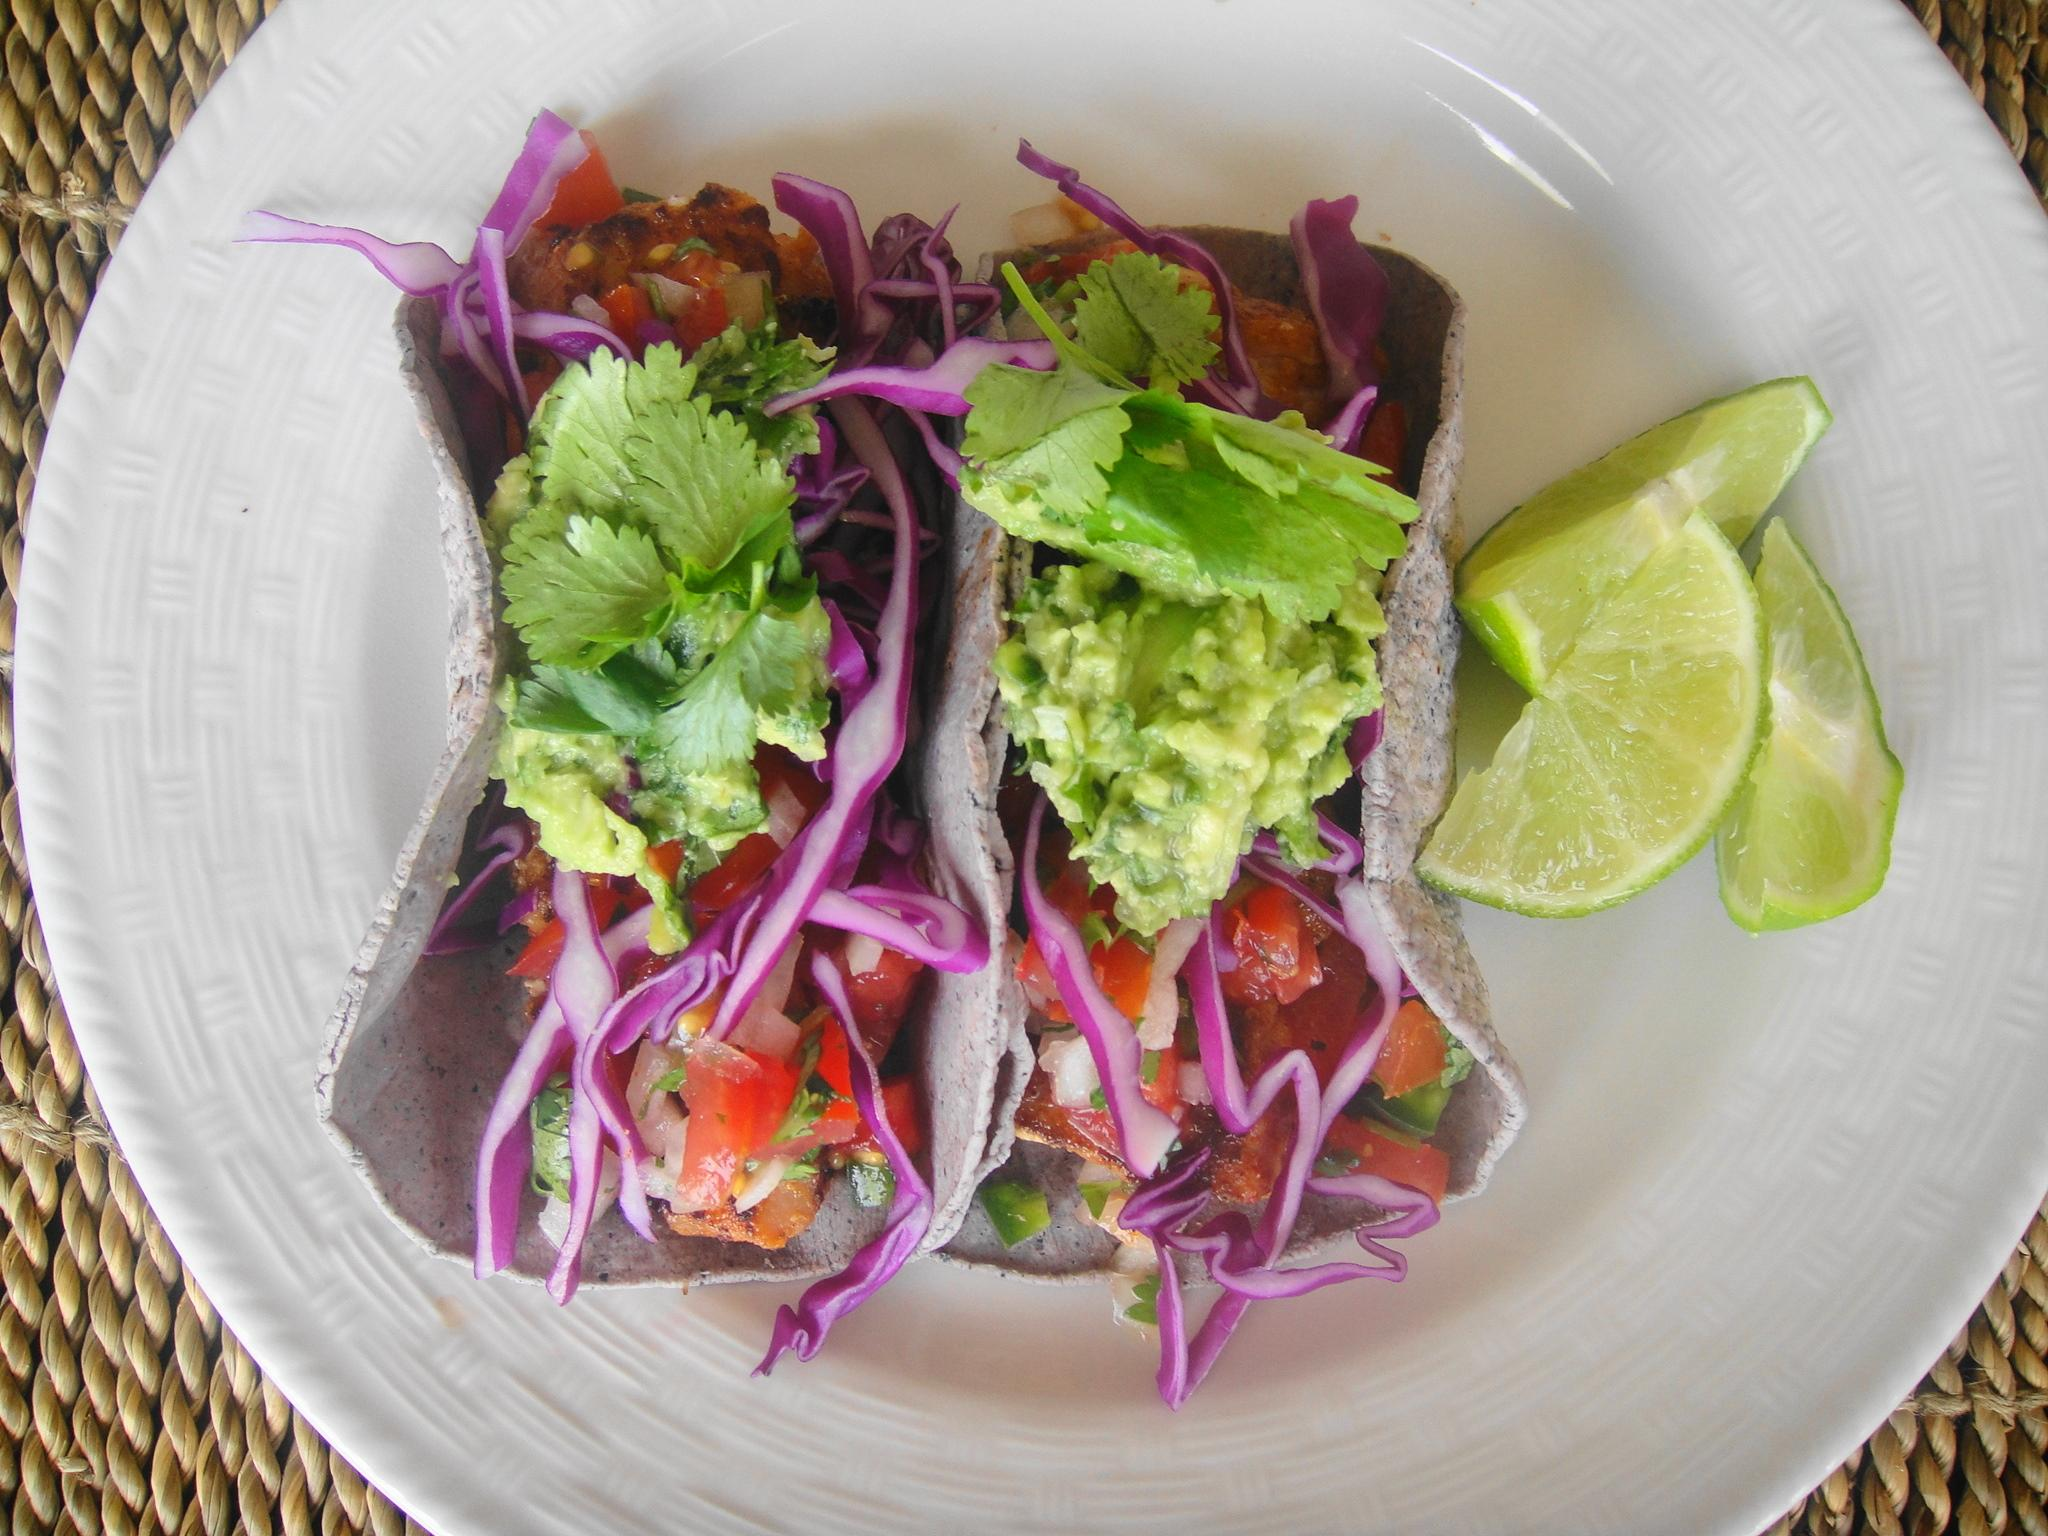 Fish Tacos with Guacamole and Pico de Gallo